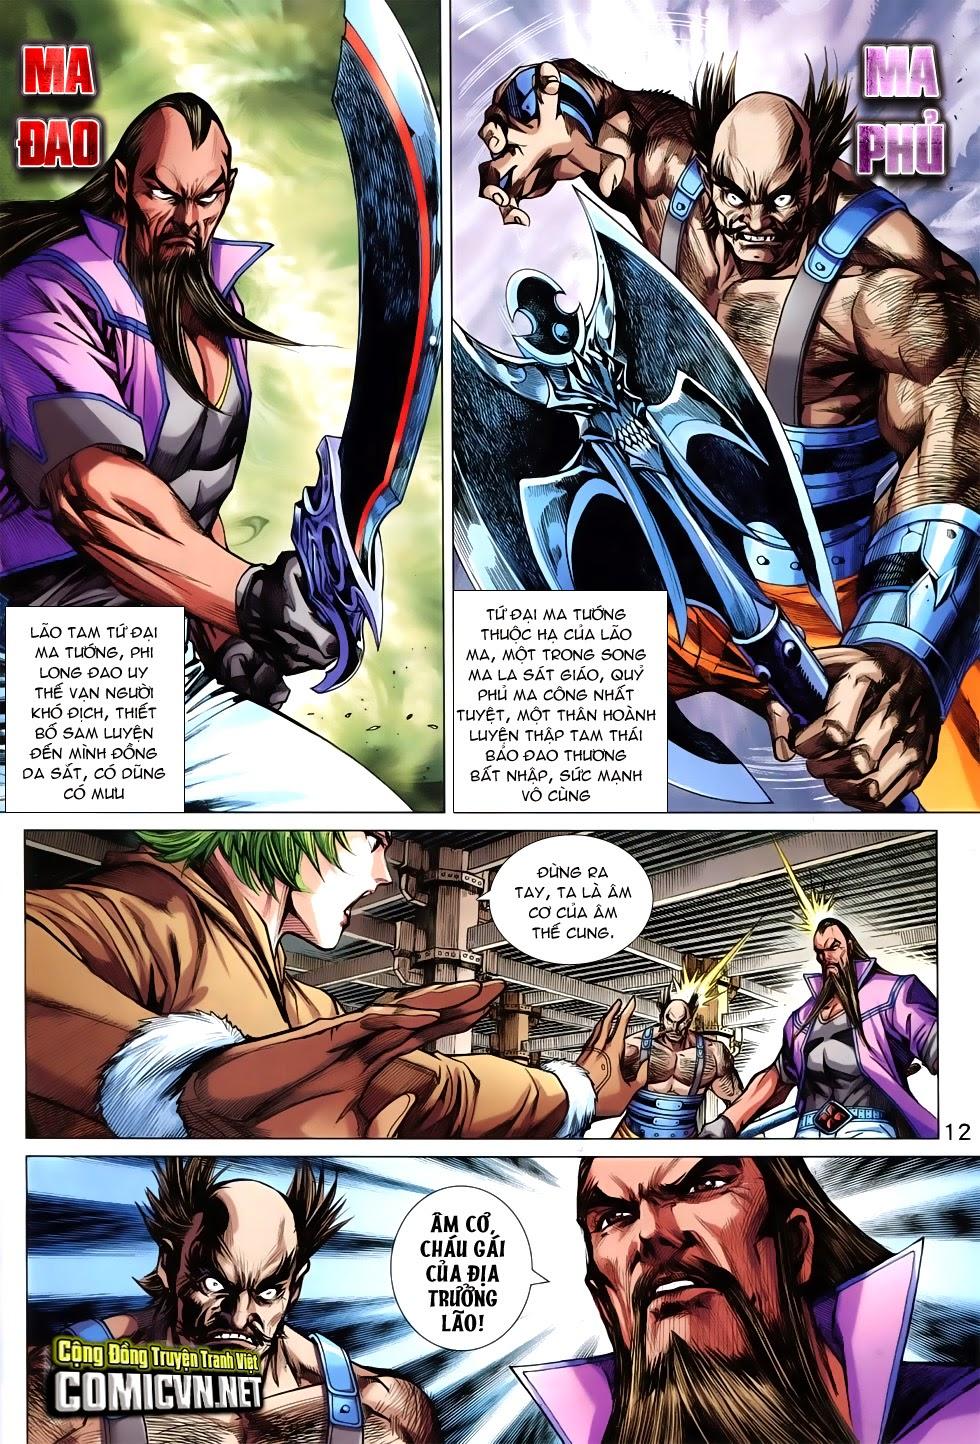 Tân Tác Long Hổ Môn Chap 744 page 12 - Truyentranhaz.net